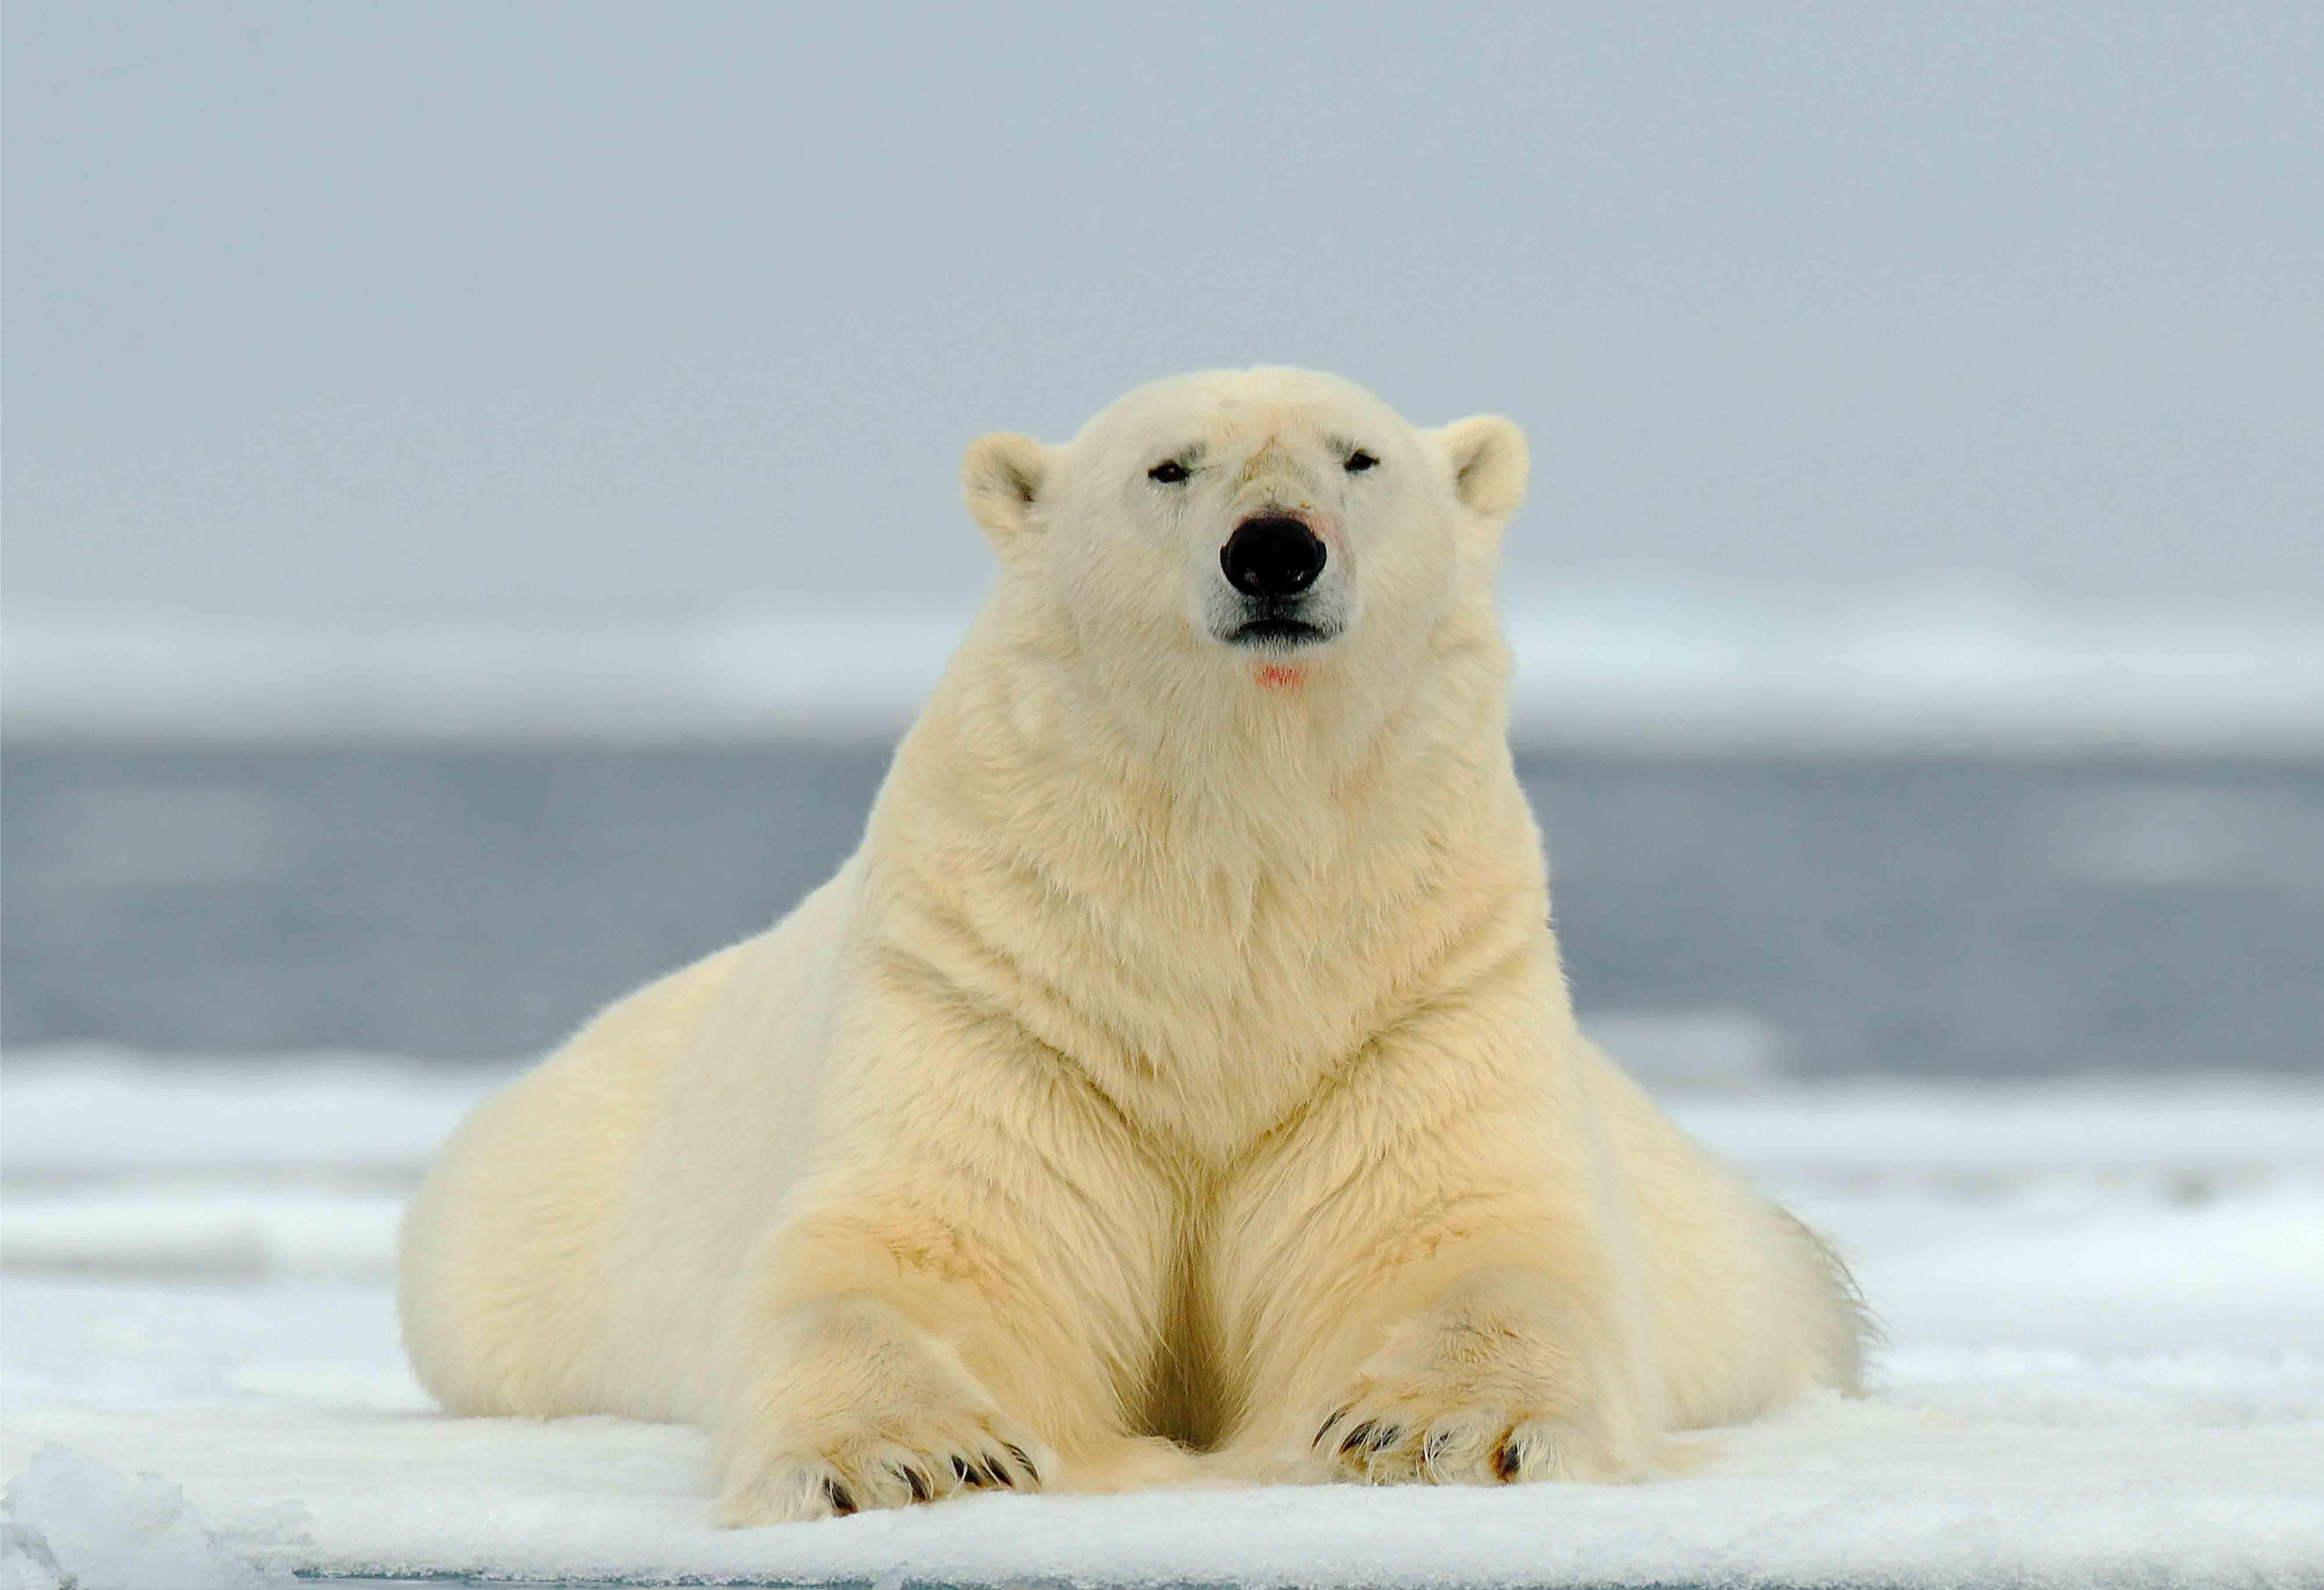 lying-bear-shutterstock_244419640_cropped_web-size.jpg